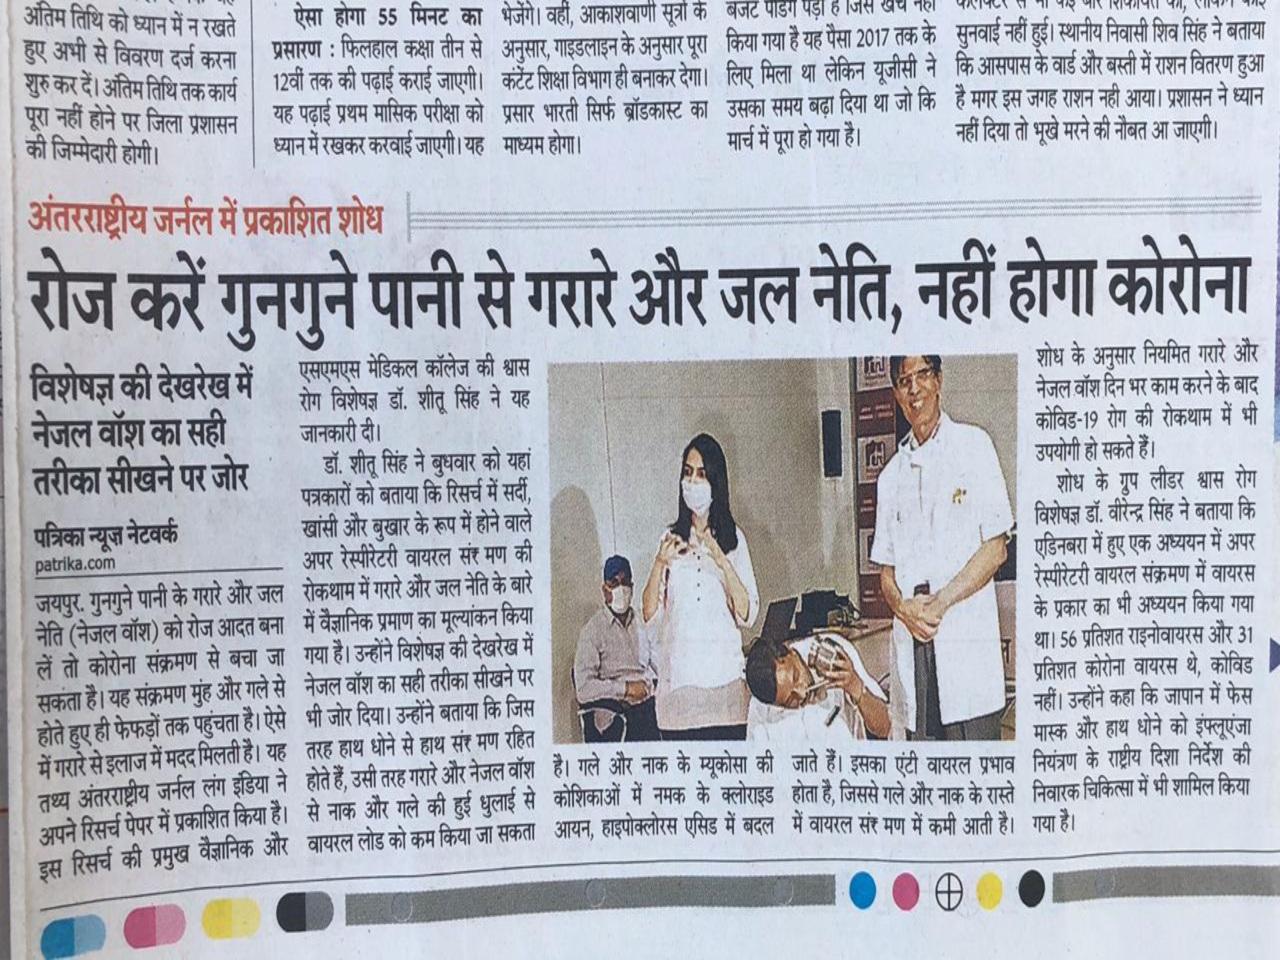 https://www.drsheetusingh.com/wp-content/uploads/2019/12/Rajasthan-Patrika-5-7-2020.jpg